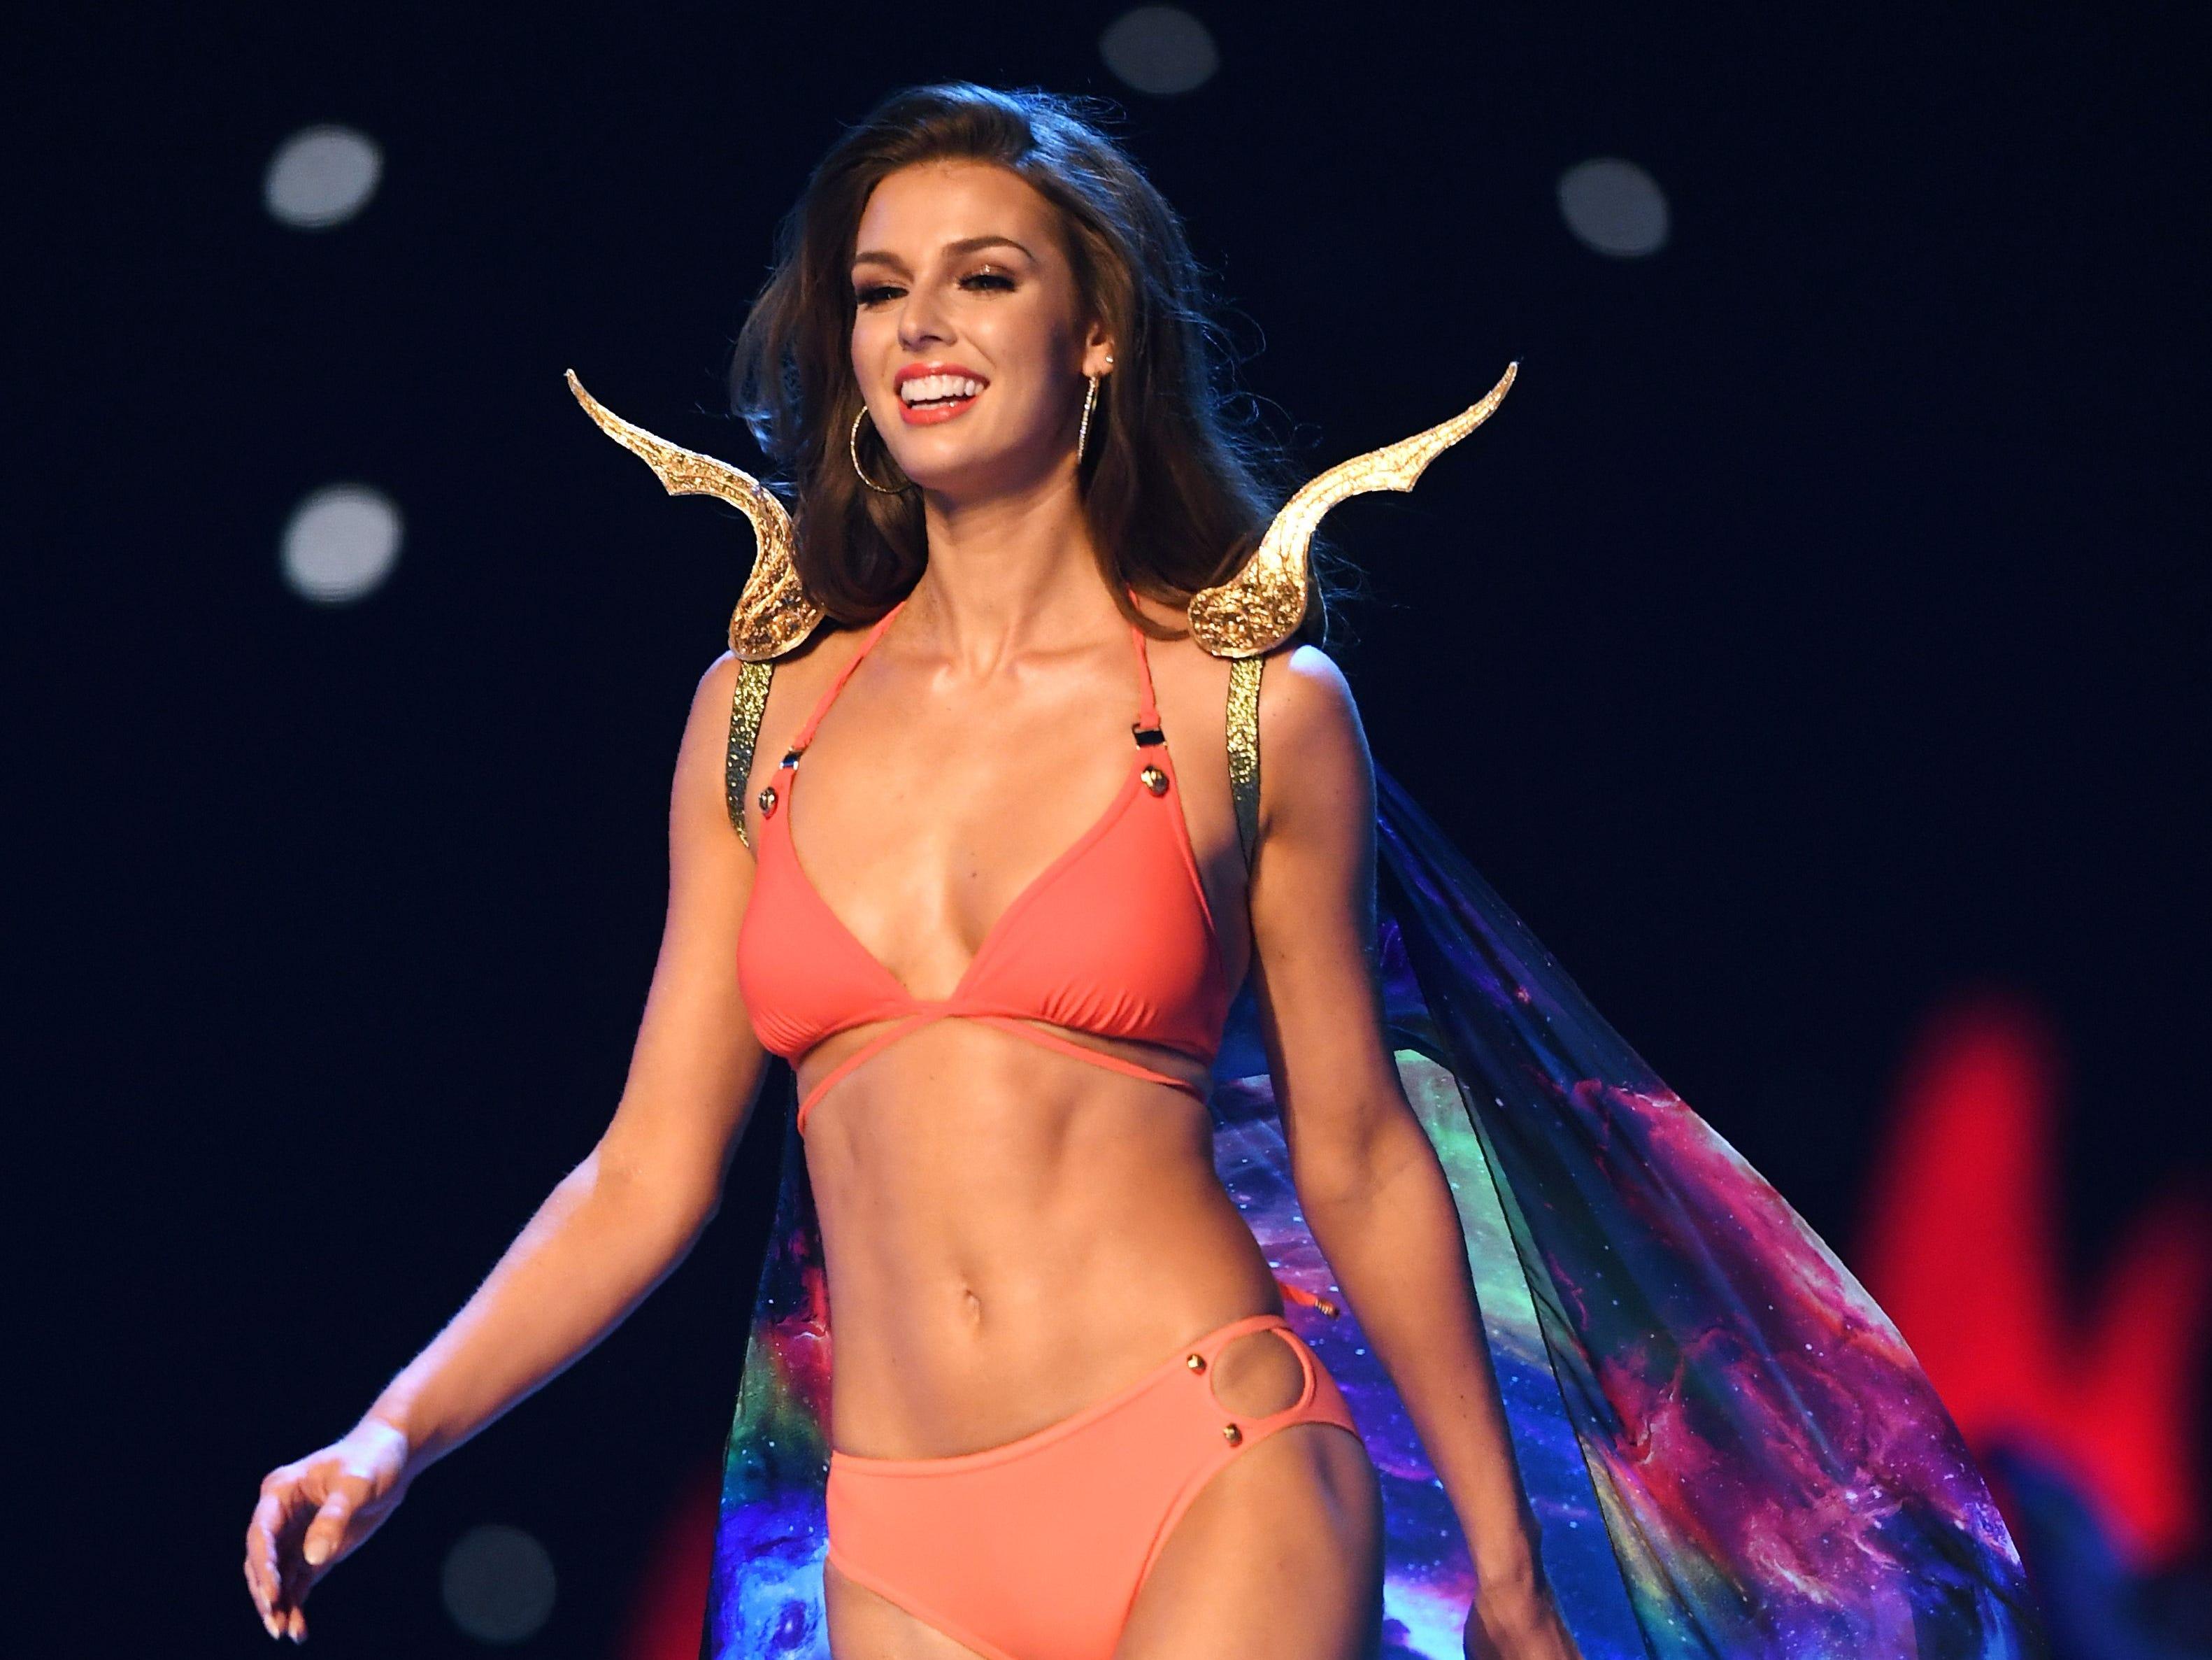 Marta Stepien, de Canadá, en el desfile de traje de baño del concurso Miss Universo de 2018 en Bangkok el 17 de diciembre de 2018.